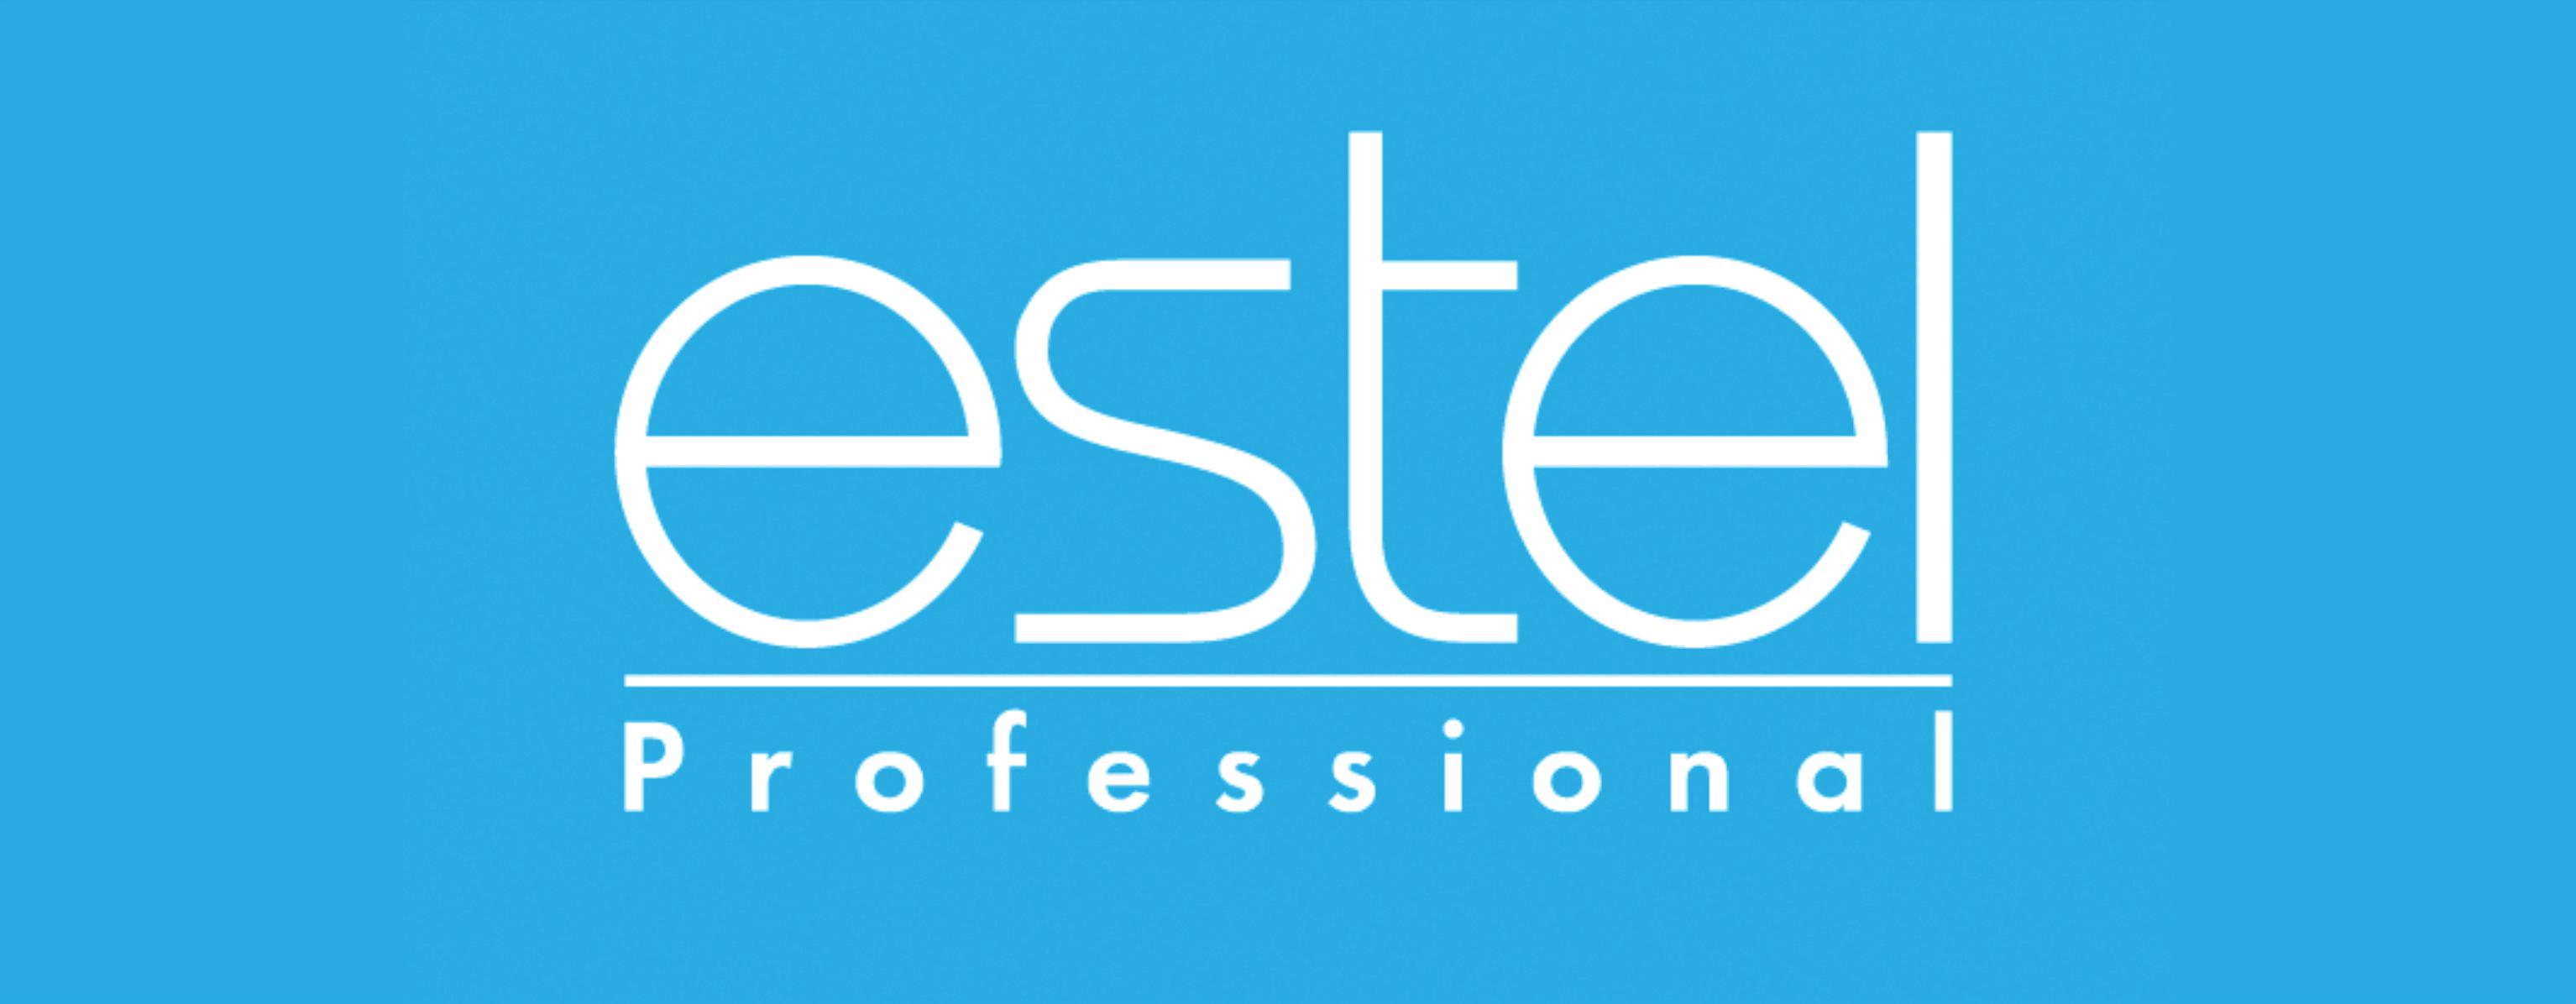 эстель логотип